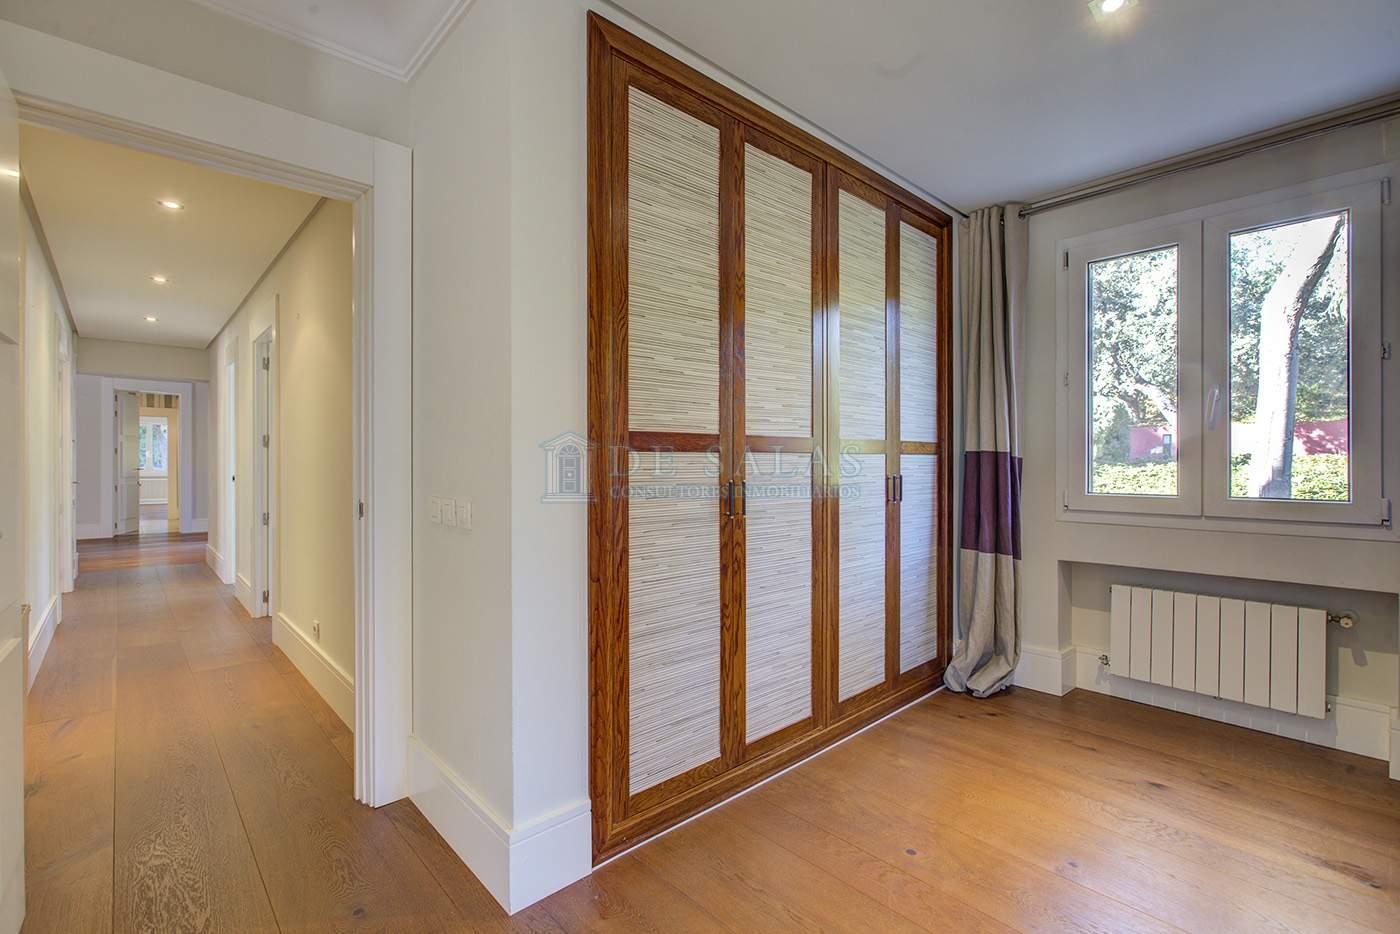 Dormitorio-IMG_9313_4_5 copia